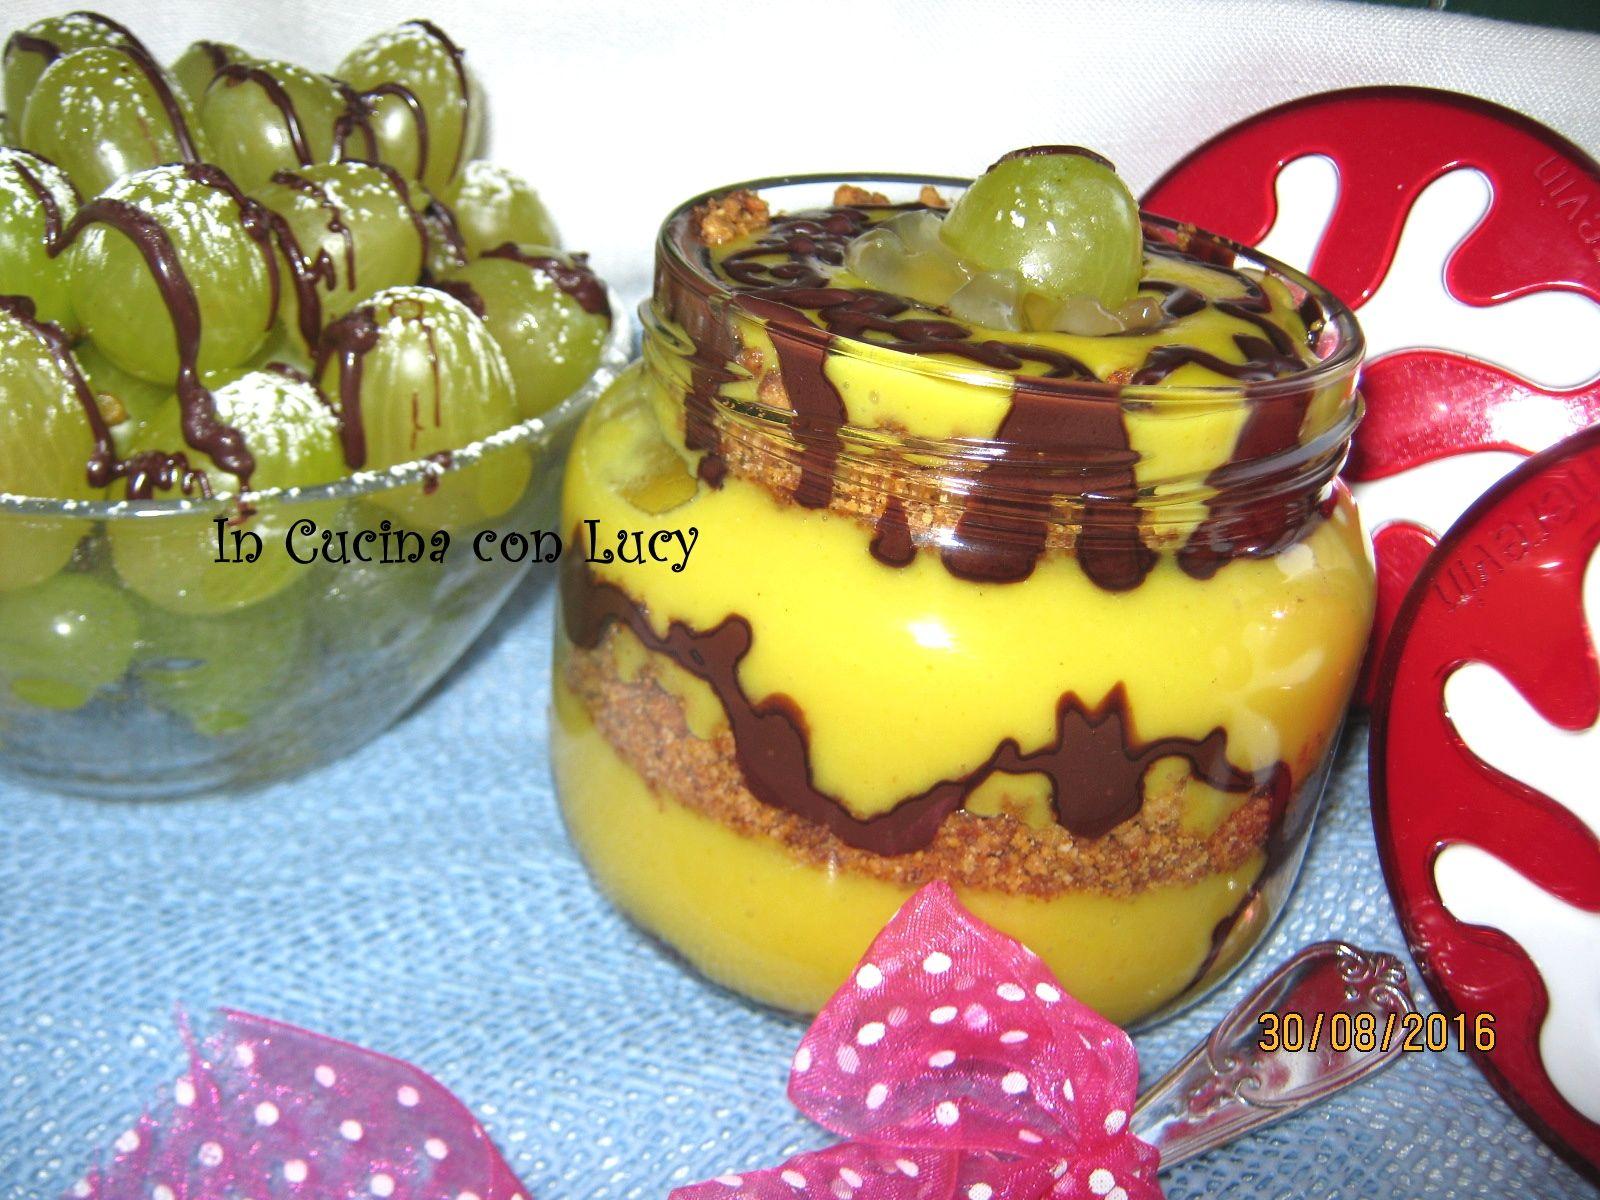 Crema+all'uva+con+streusel+di+mandorle+e+topping